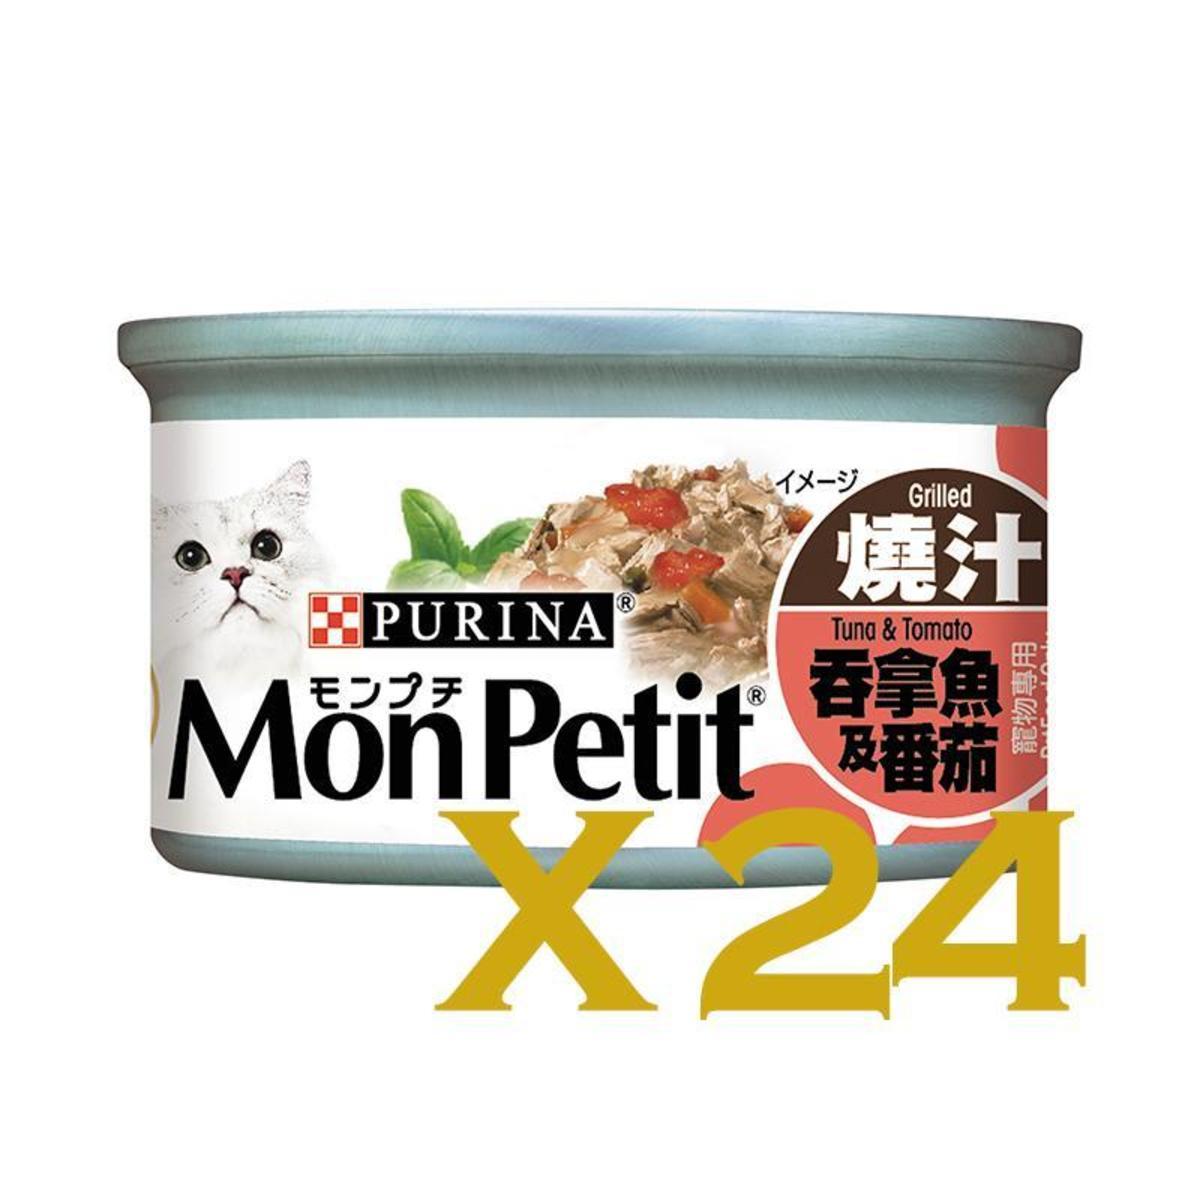 至尊(野菜)系列燒汁吞拿魚及蕃茄罐頭85g-24罐